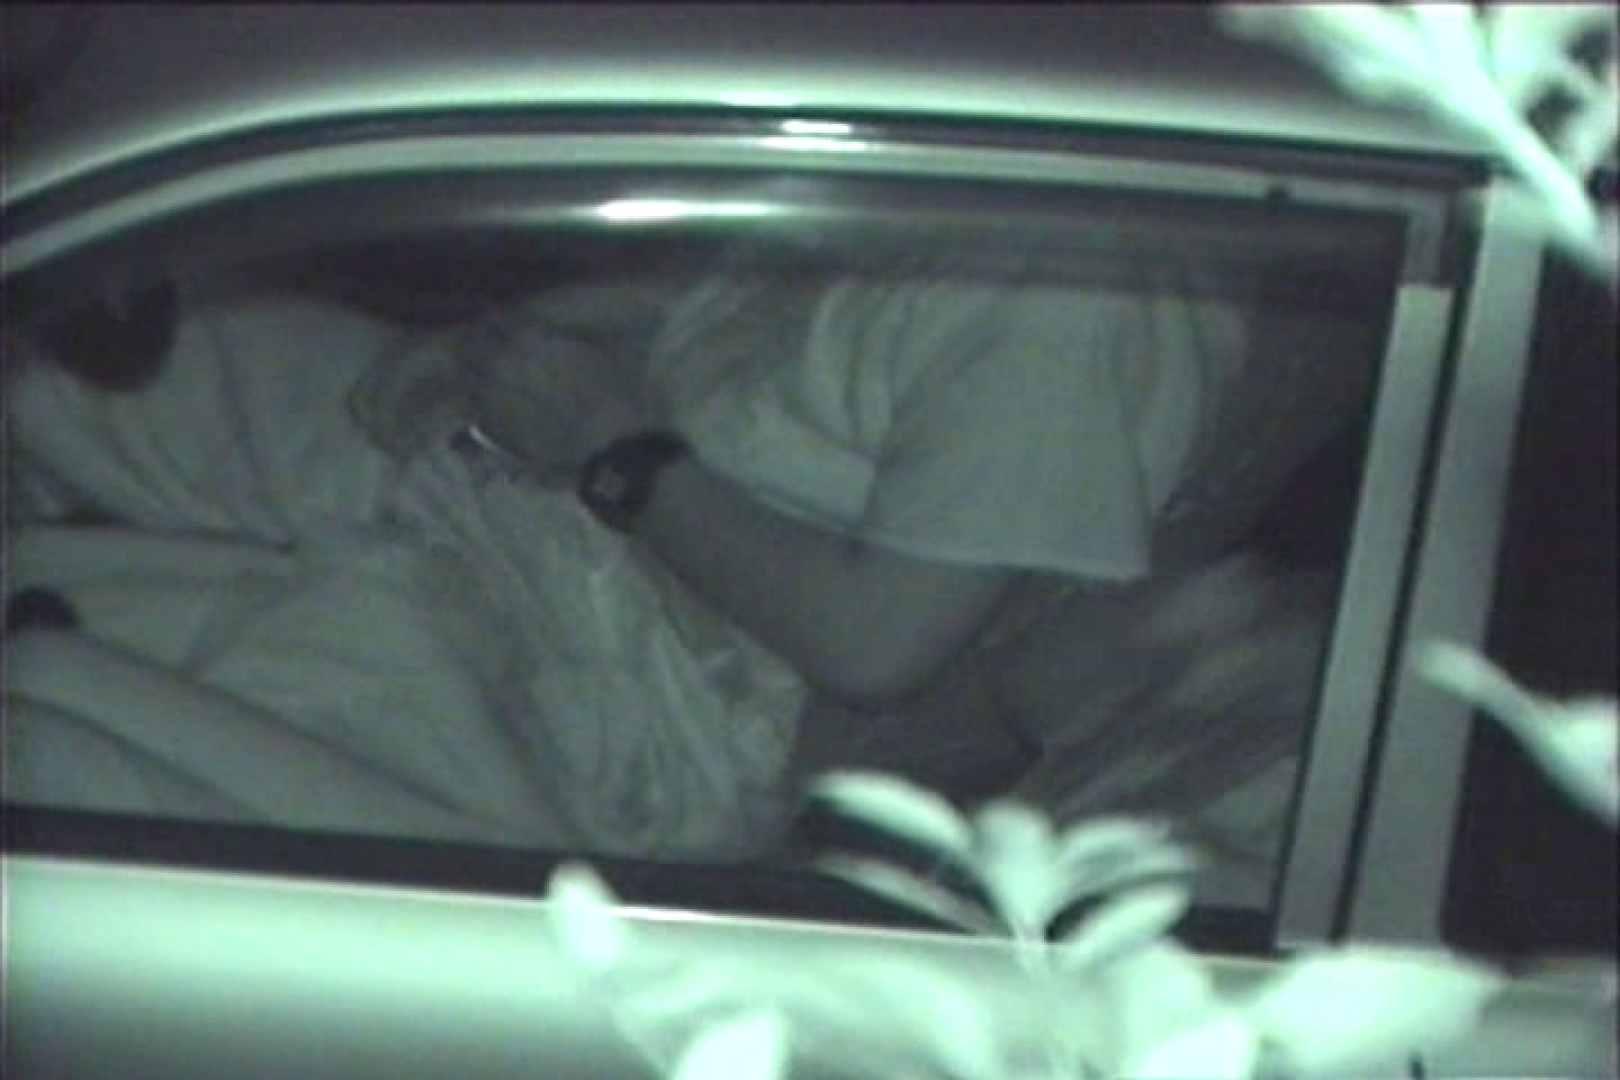 車の中はラブホテル 無修正版  Vol.18 喘ぎ娘 エロ画像 80連発 12